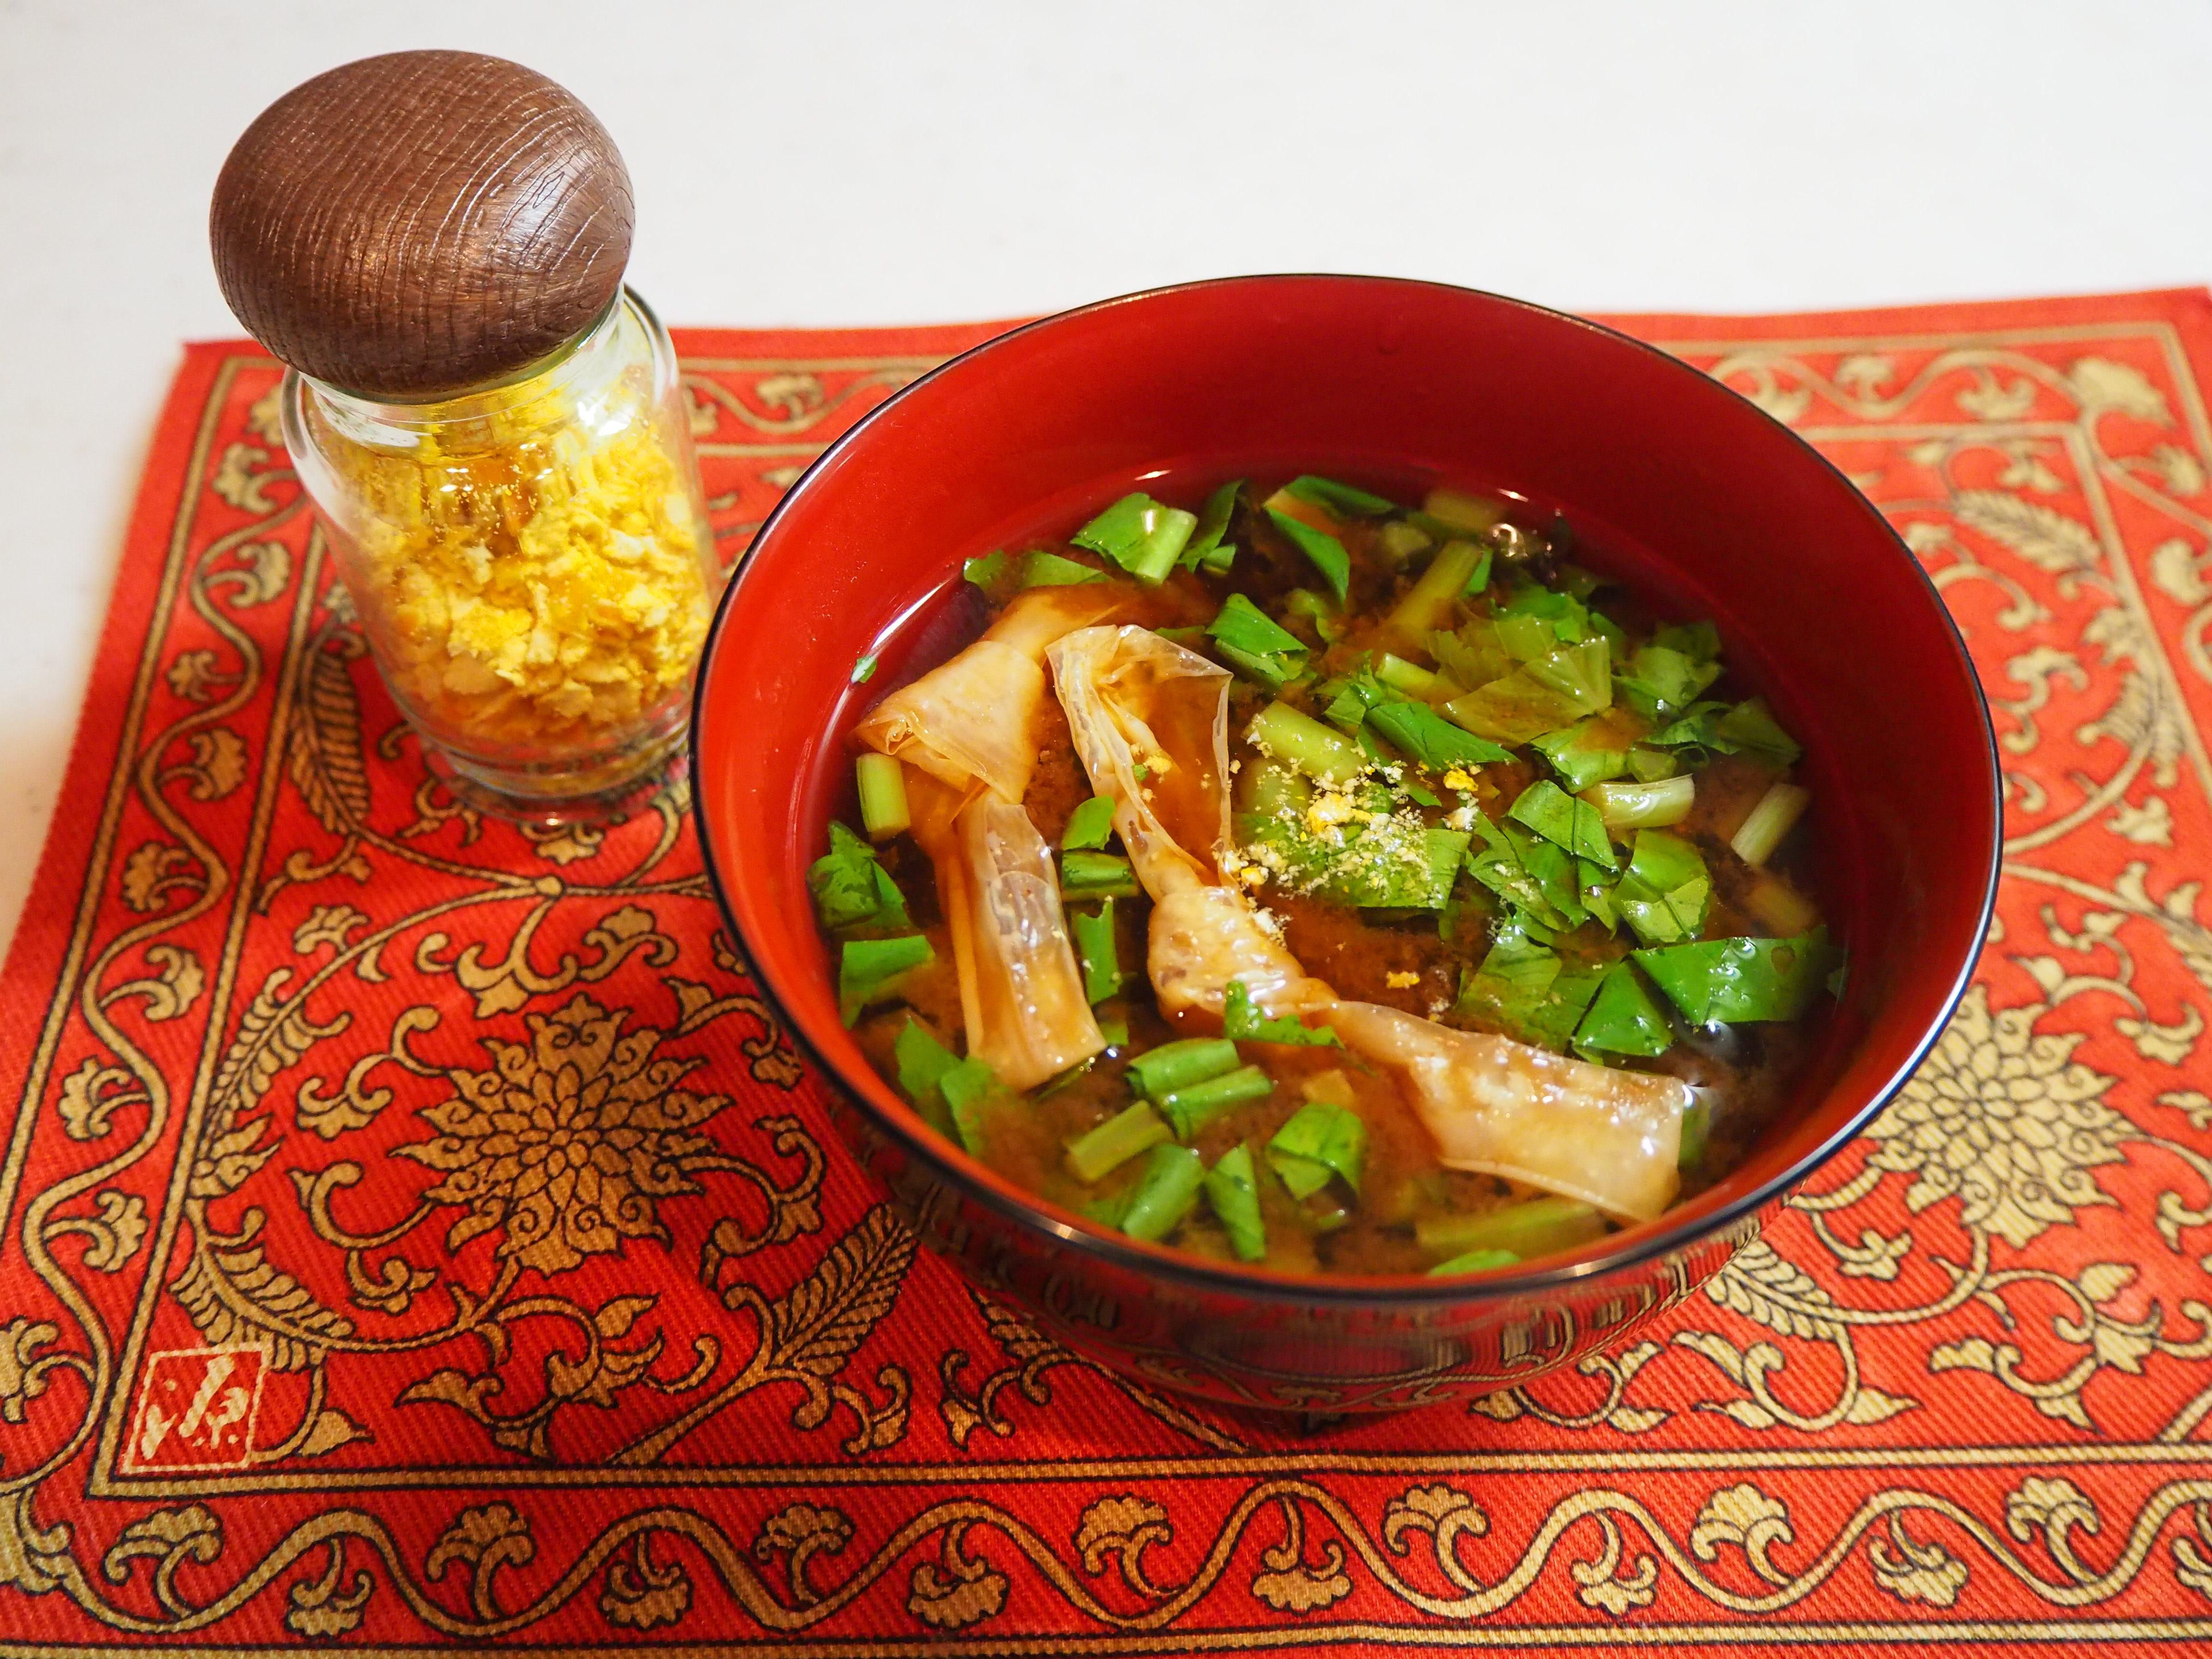 味噌汁陳皮